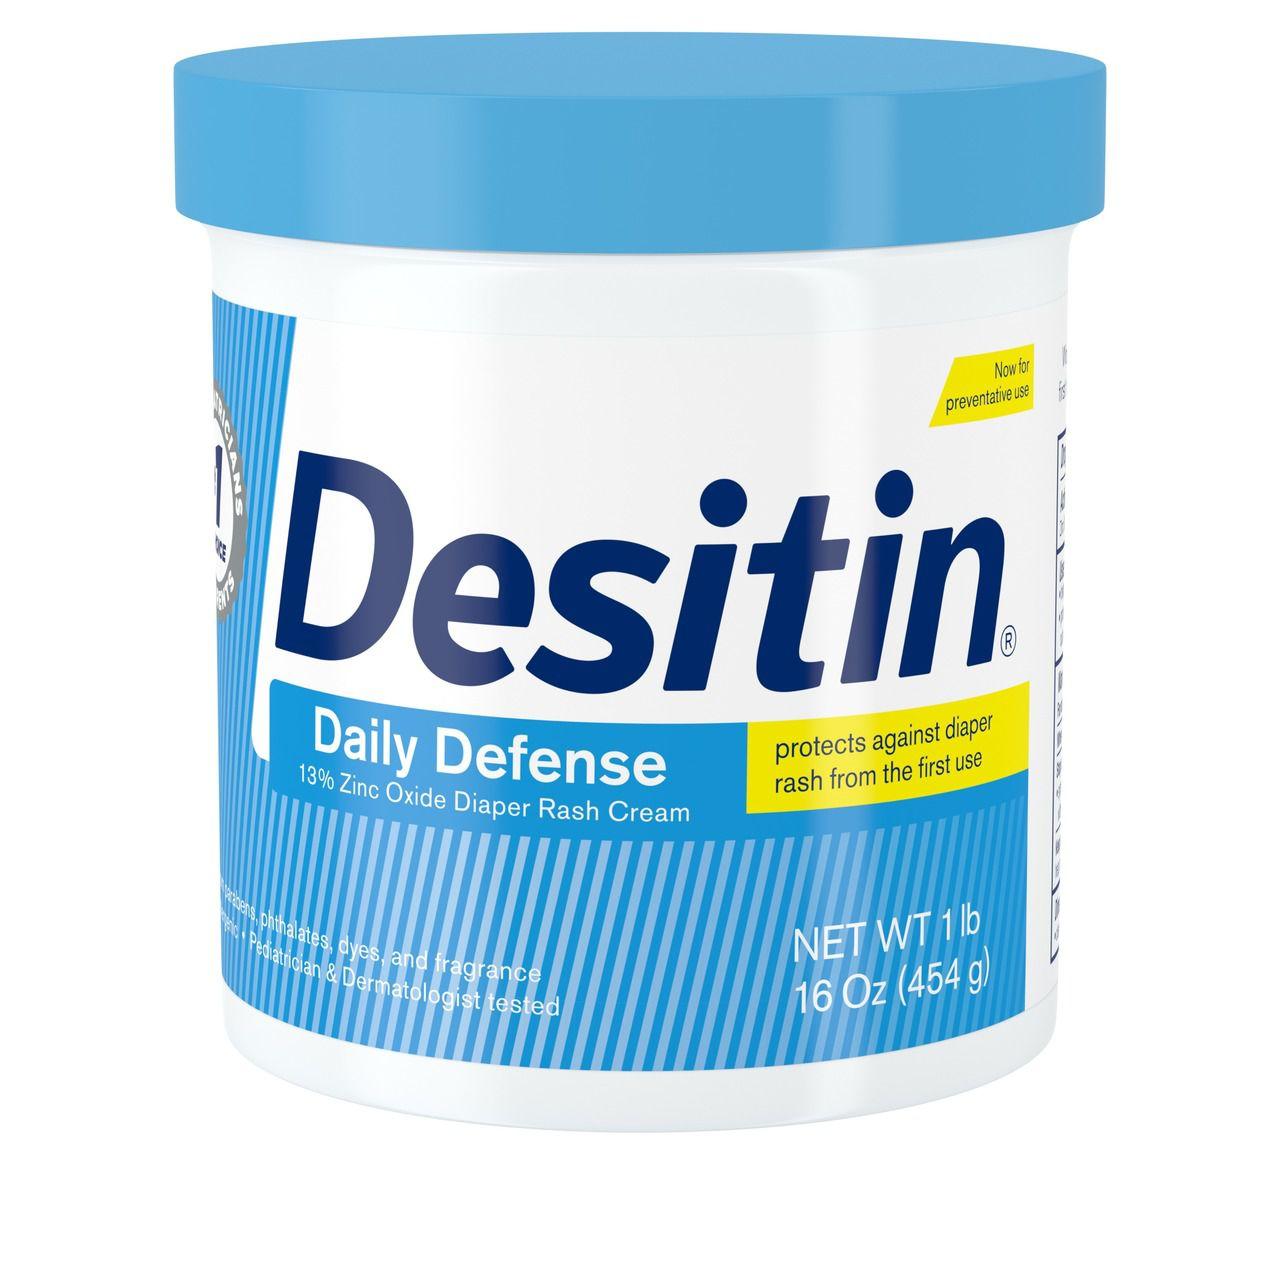 Pomada Desitin - Pote 454g - Proteção